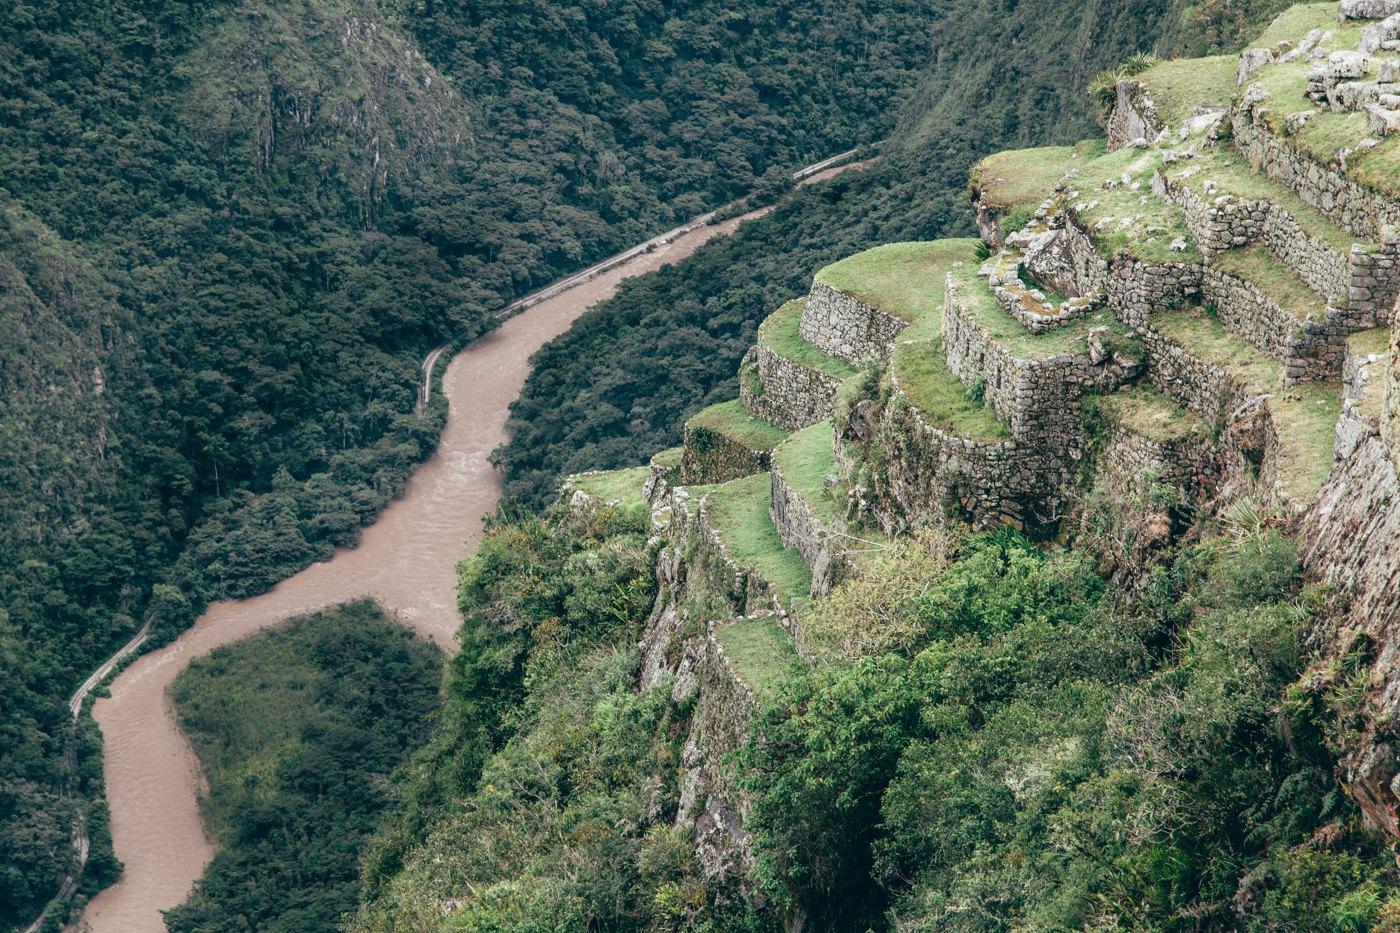 Vista do Rio Urubamba (repare que ao lado do rio existe um trilho de trem)